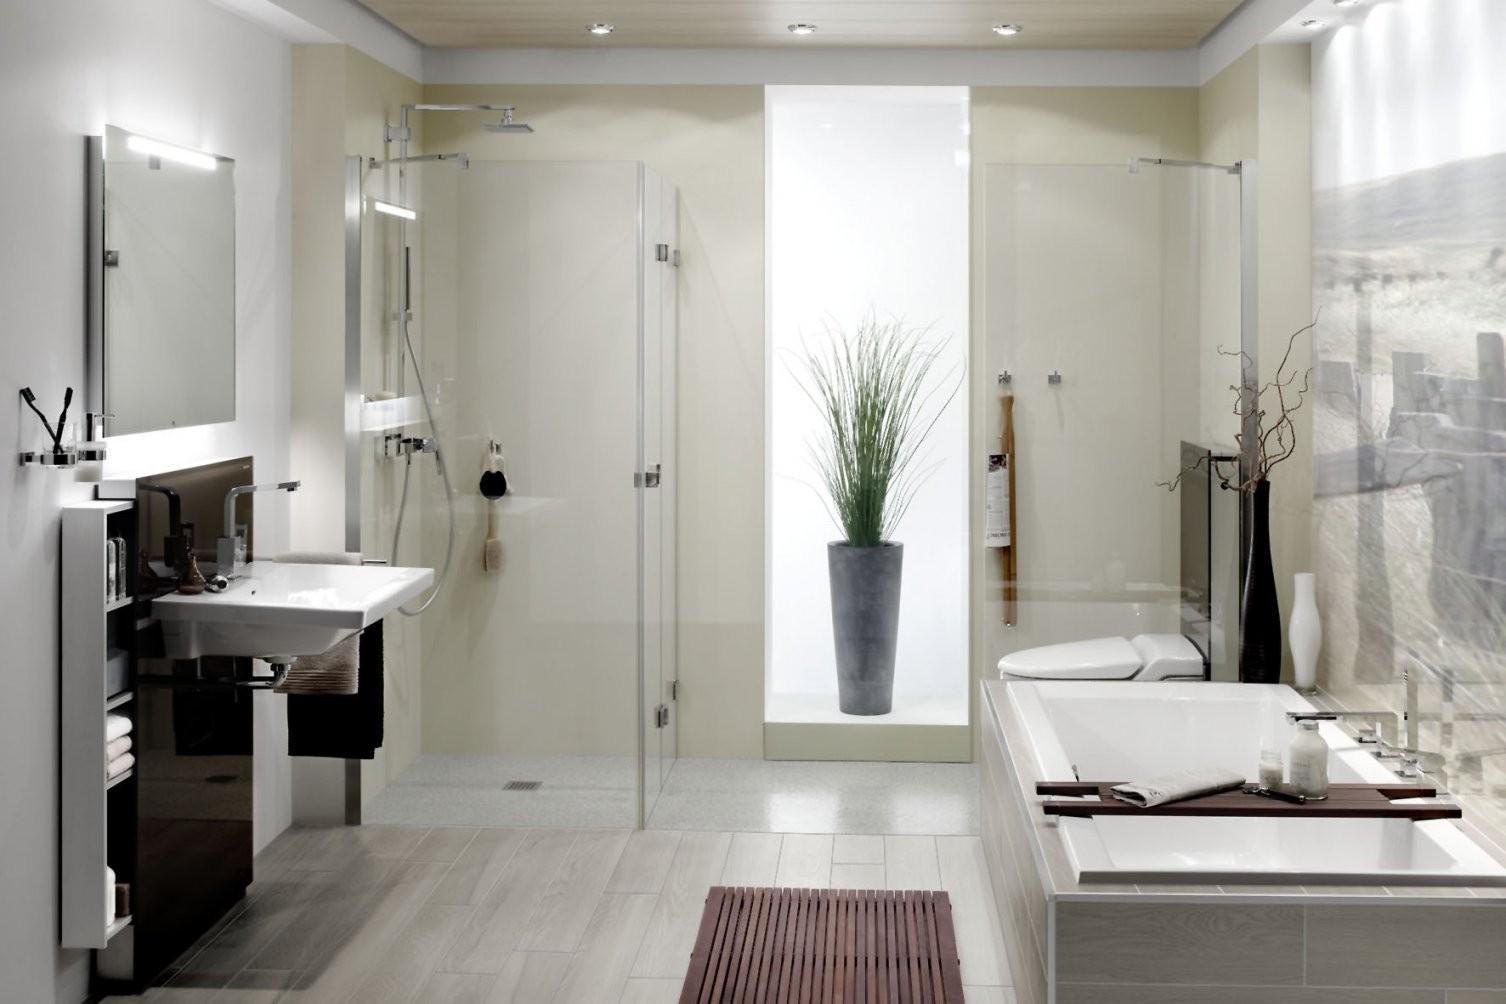 Schön Bad Design Ideen Wellness Mit Einer Vielzahl Von Designs Und von Wellness Badezimmer Ideen Bild